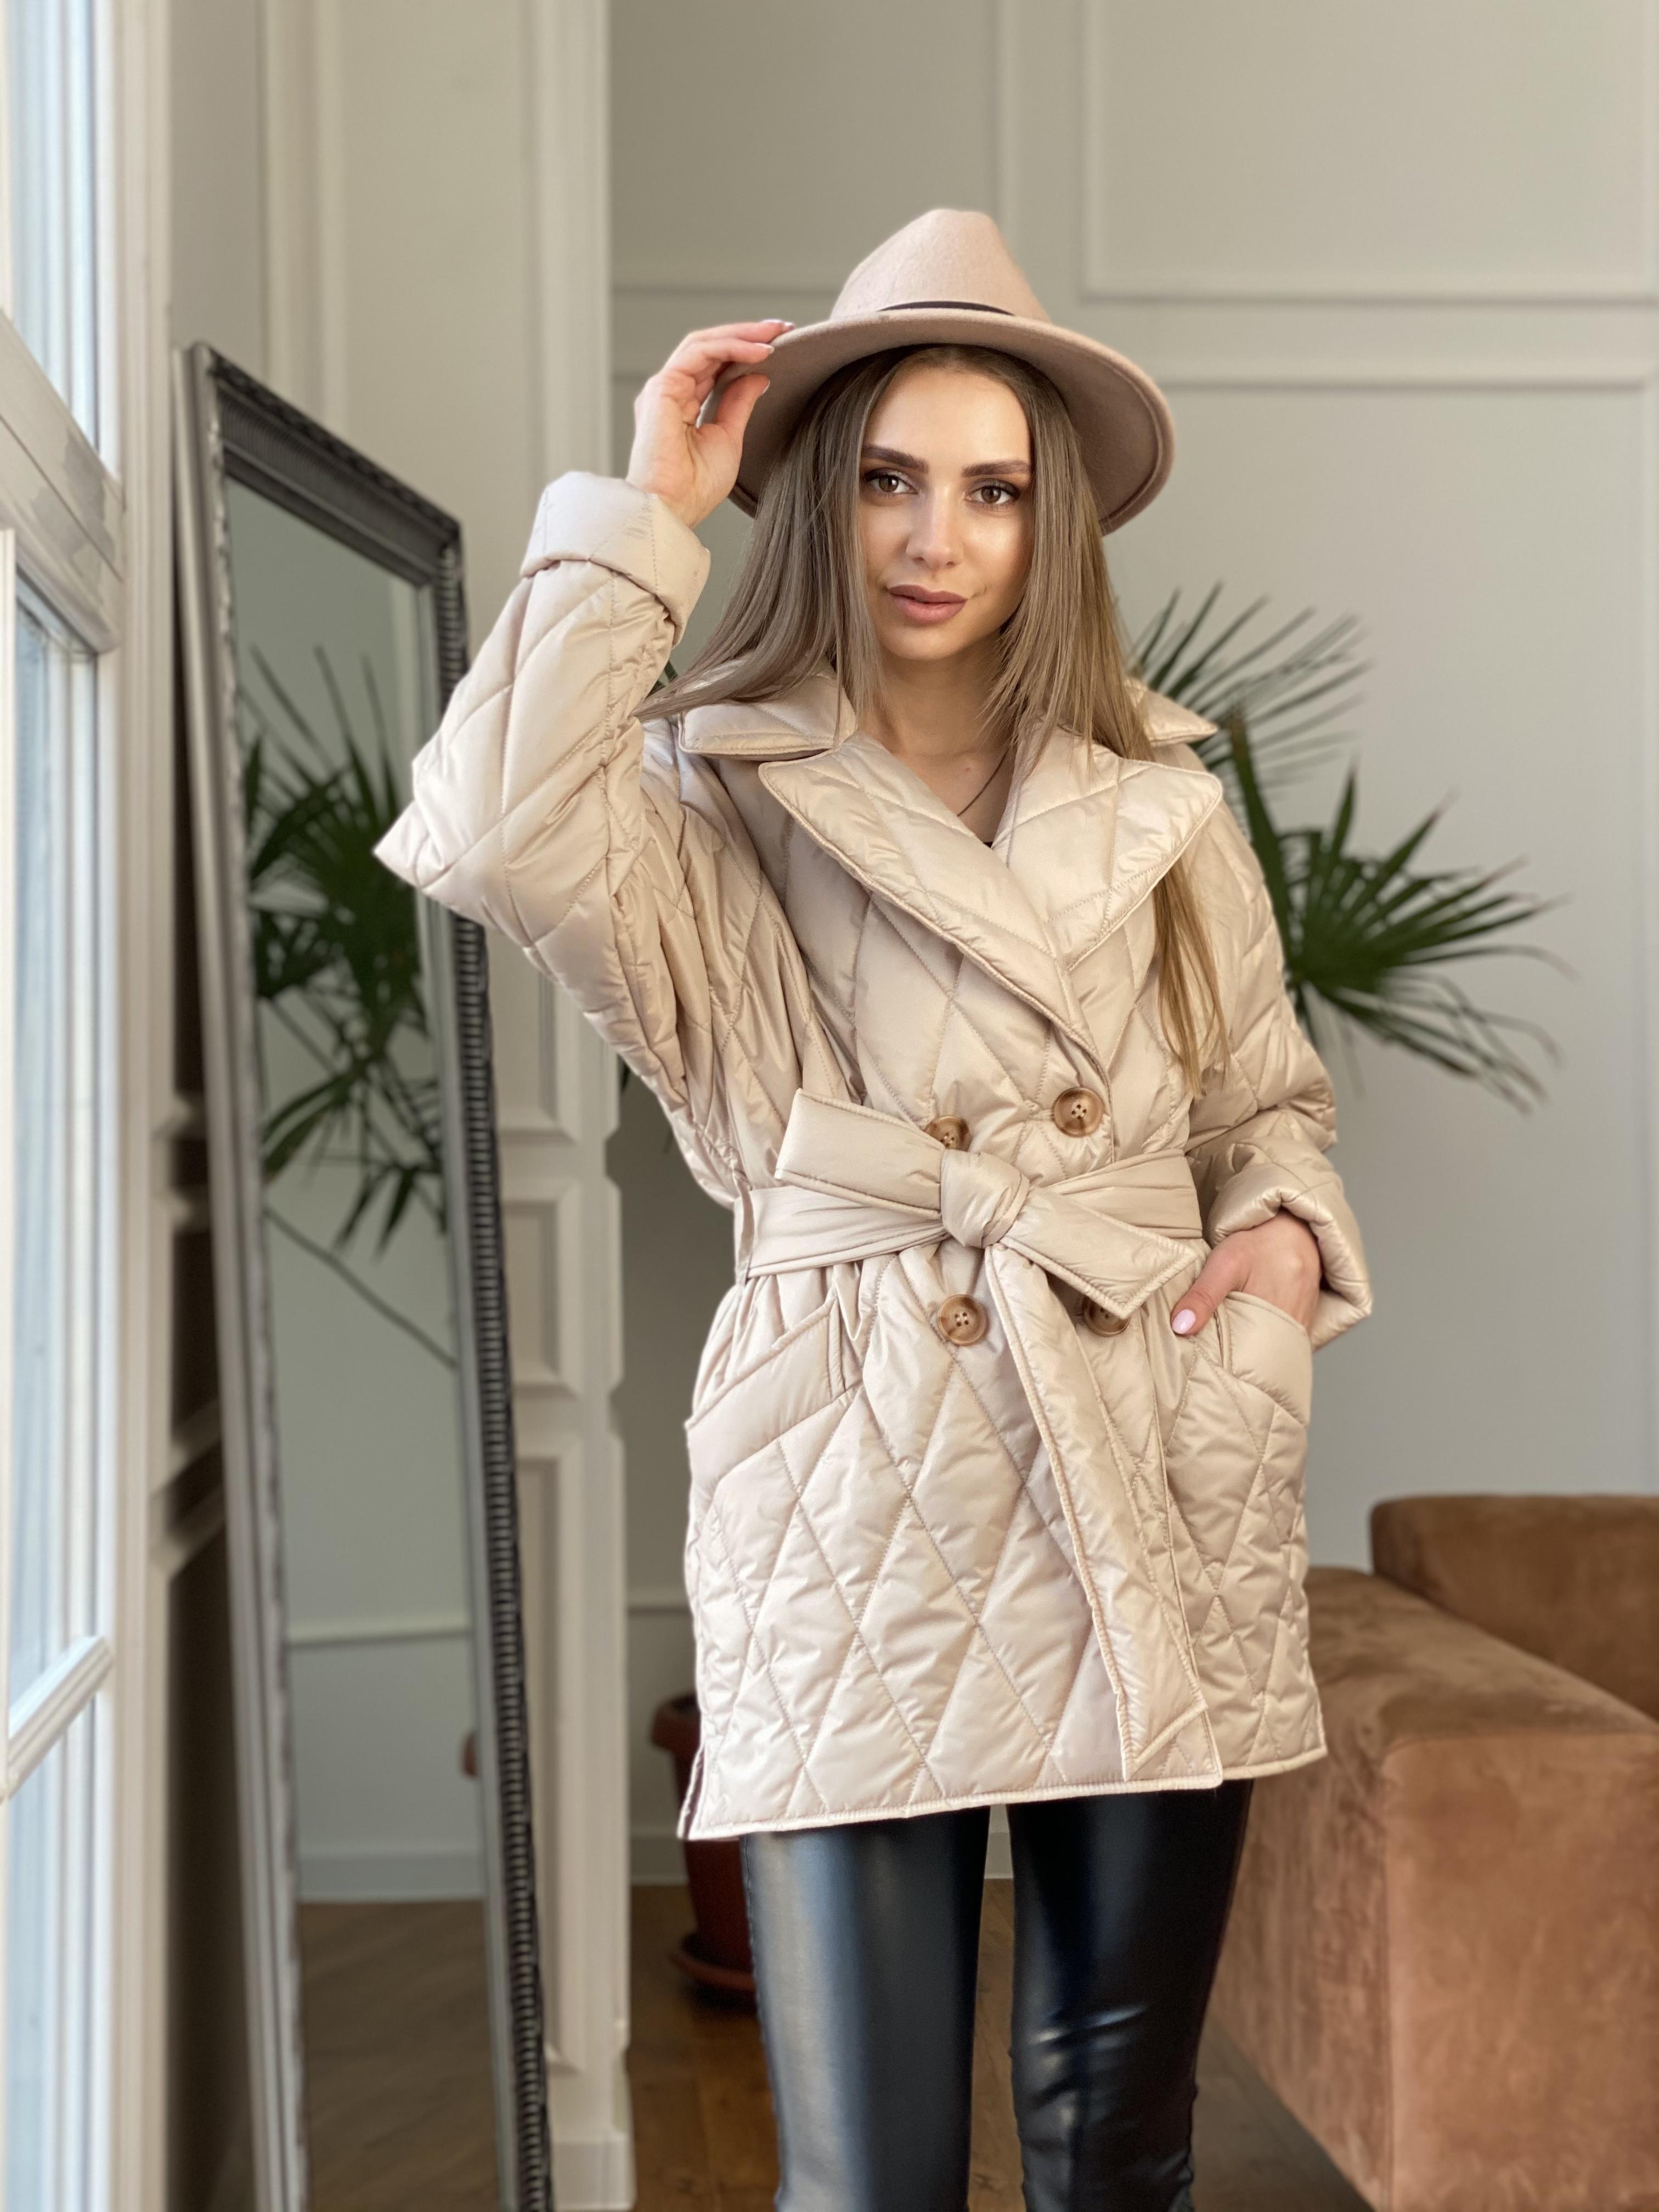 Норд куртка из плащевой ткани стеганая 10883 АРТ. 47411 Цвет: Бежевый - фото 3, интернет магазин tm-modus.ru